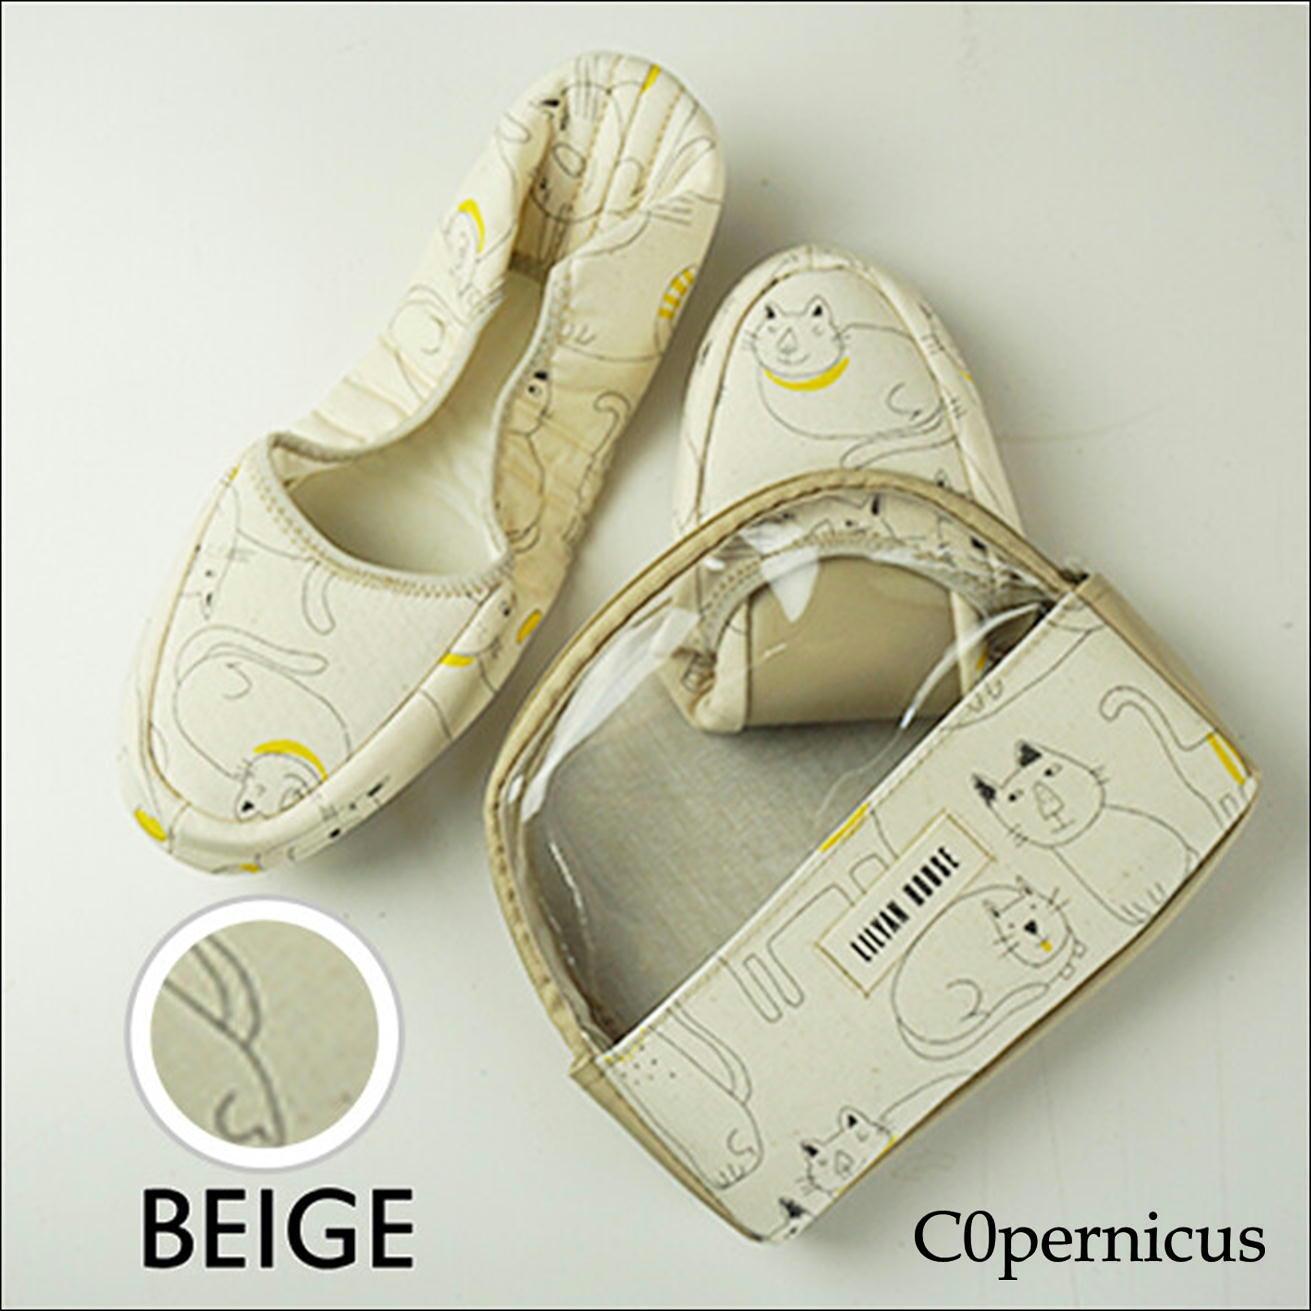 携帯スリッパ ポーチ付き 【Beige D】/折り畳みスリッパ/ルームシューズ 浜松雑貨屋 C0pernicus